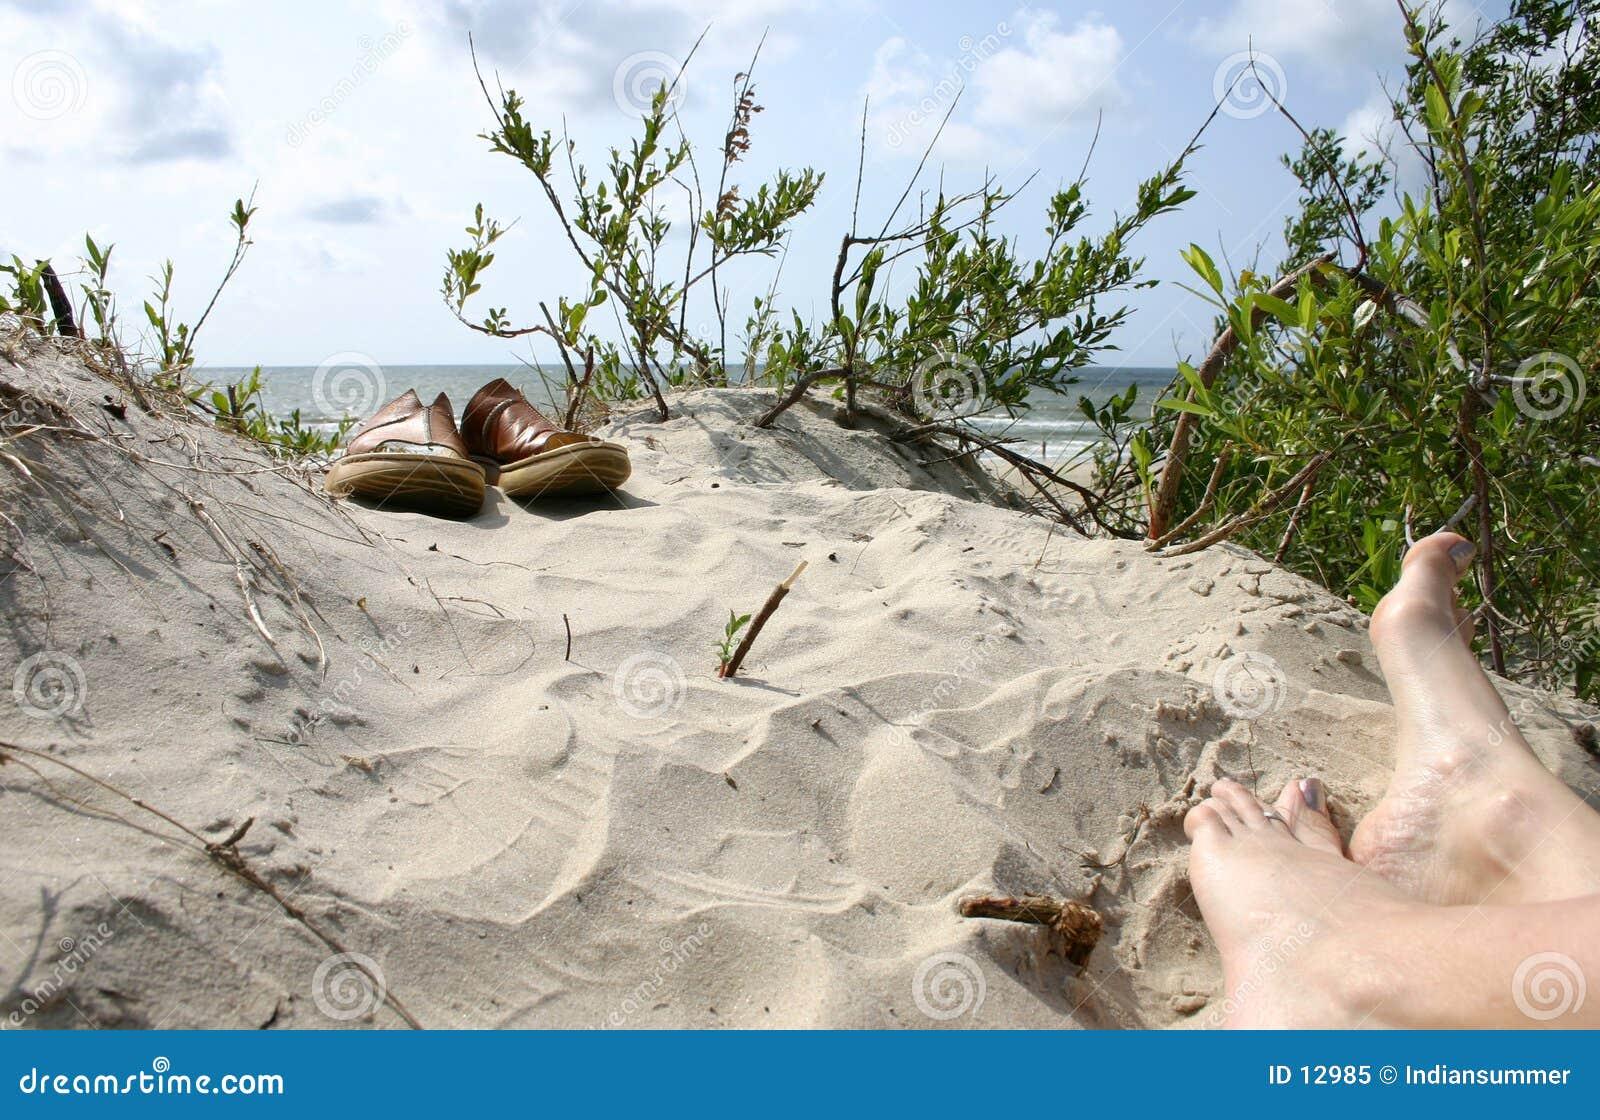 Verão. Praia. Férias. Sapatas II